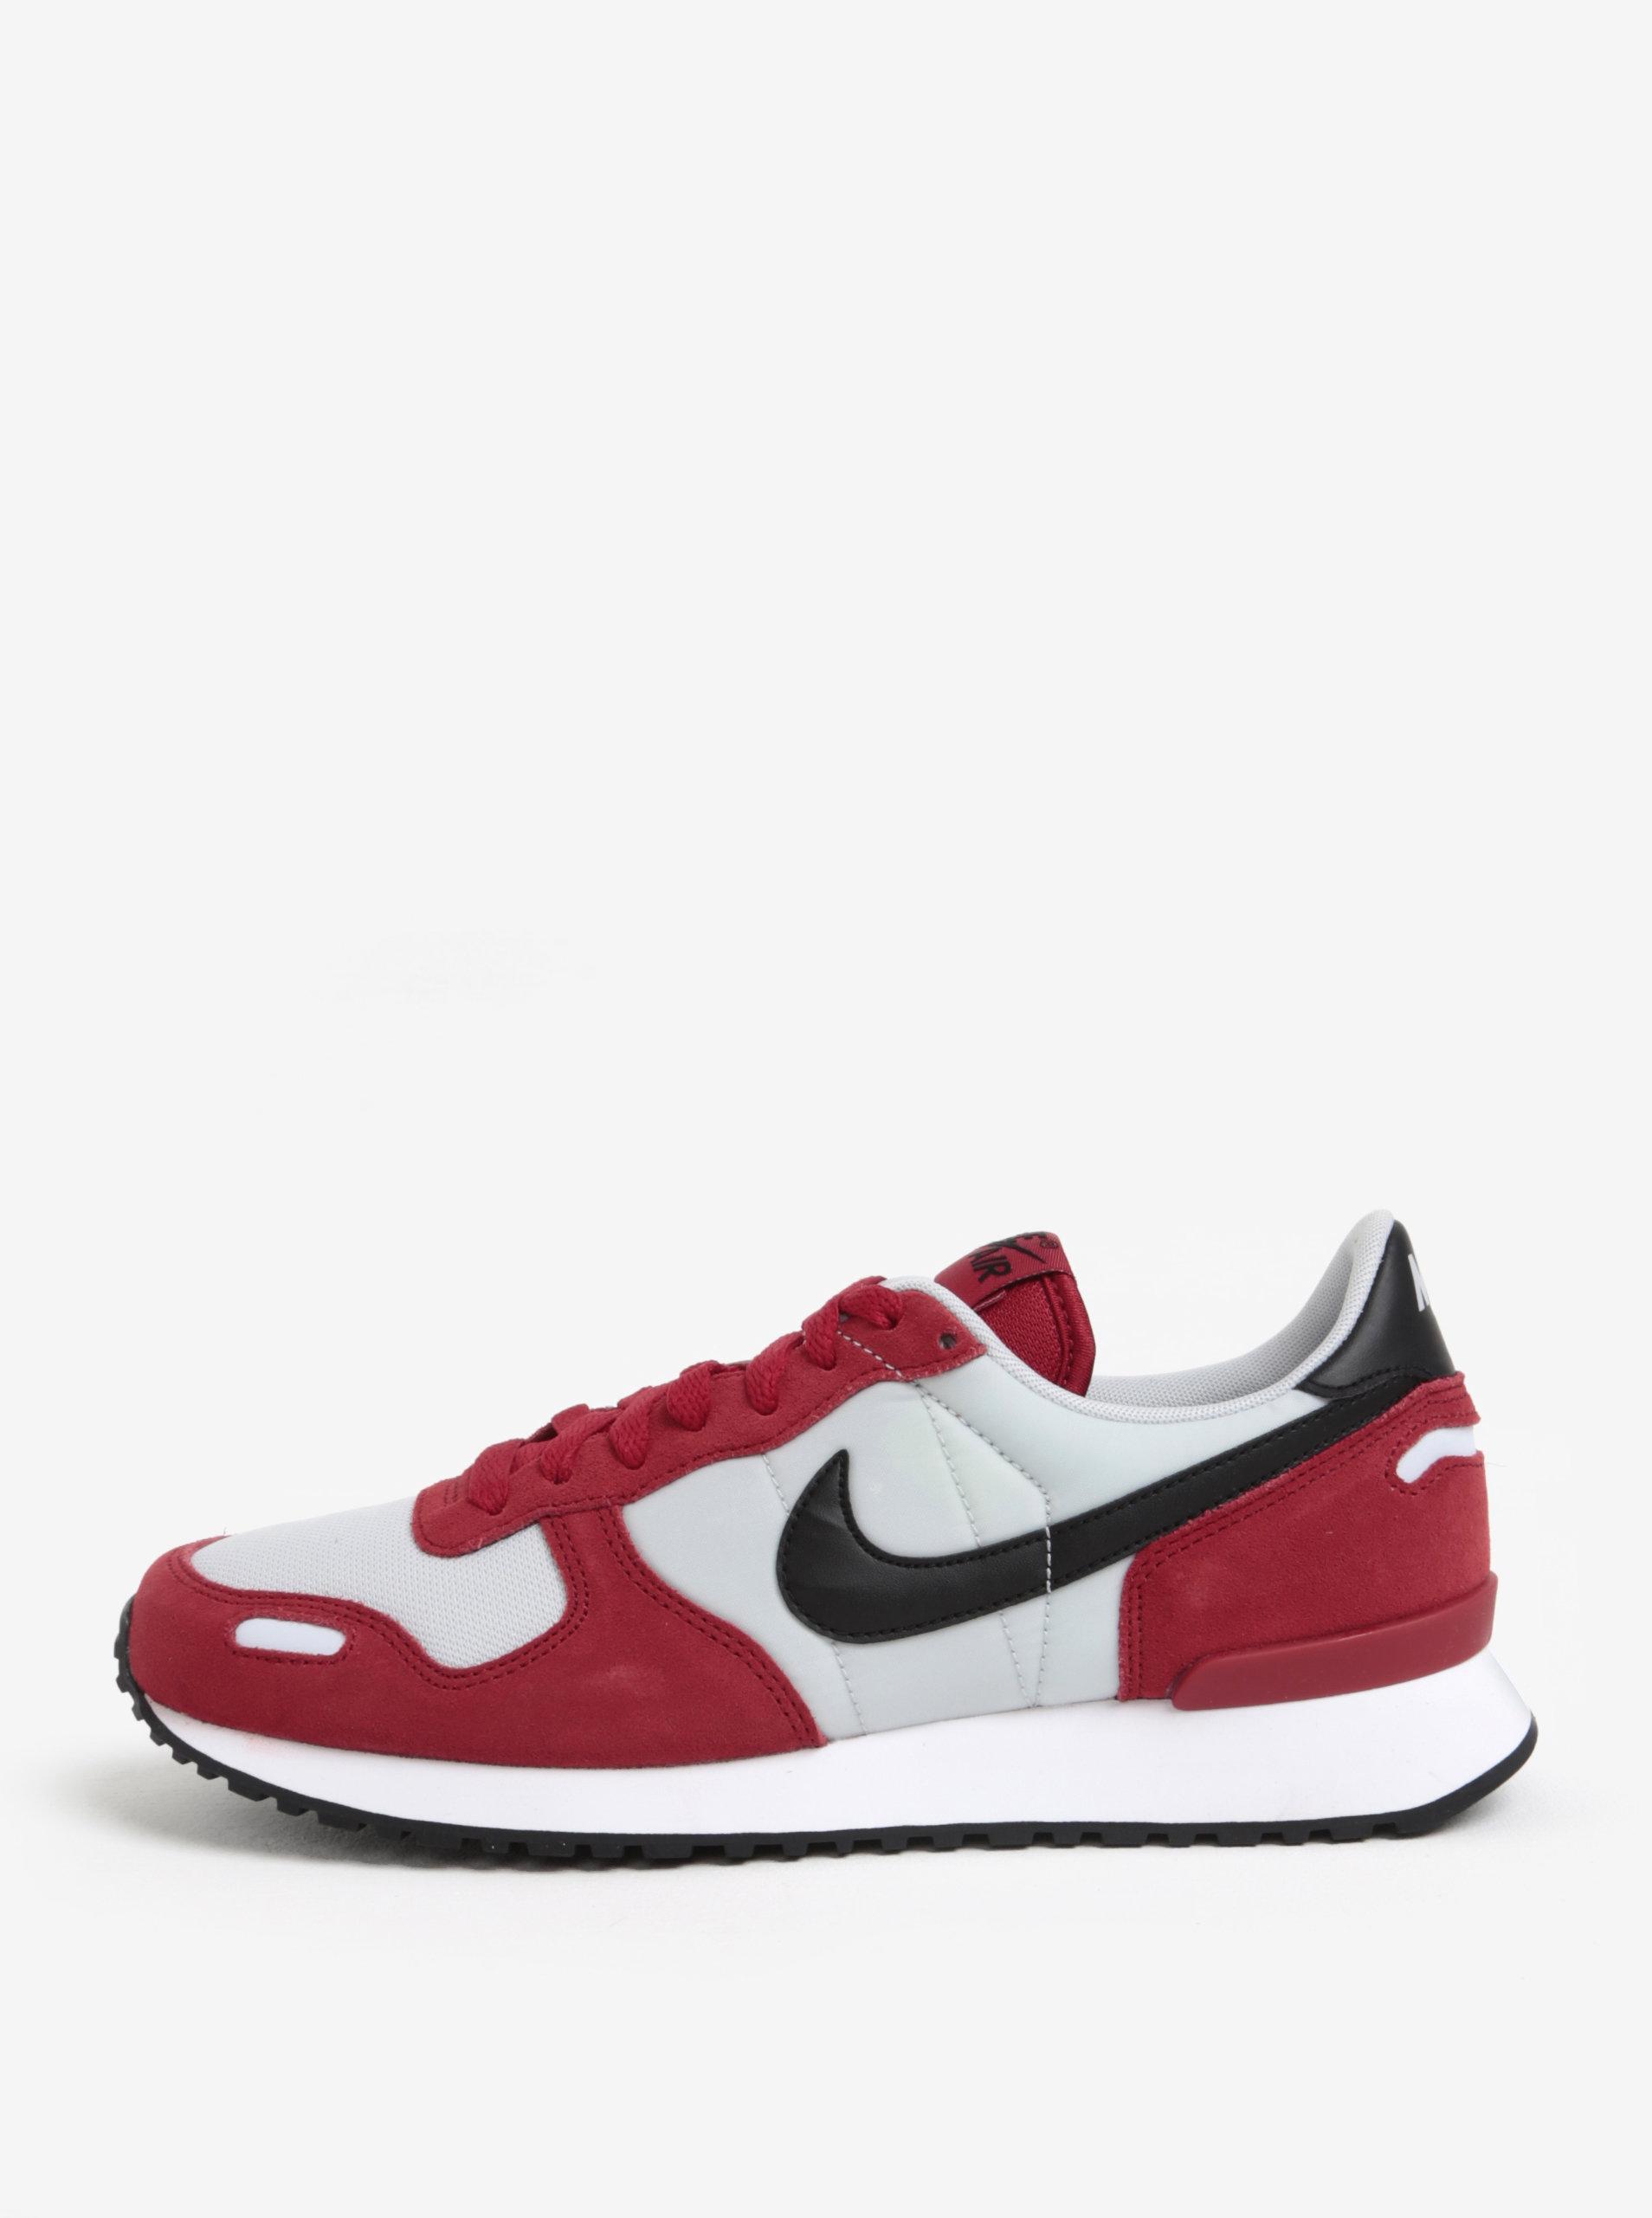 Bielo-červené semišové pánske tenisky Nike Air Vortex ... 9d7f238e2dc